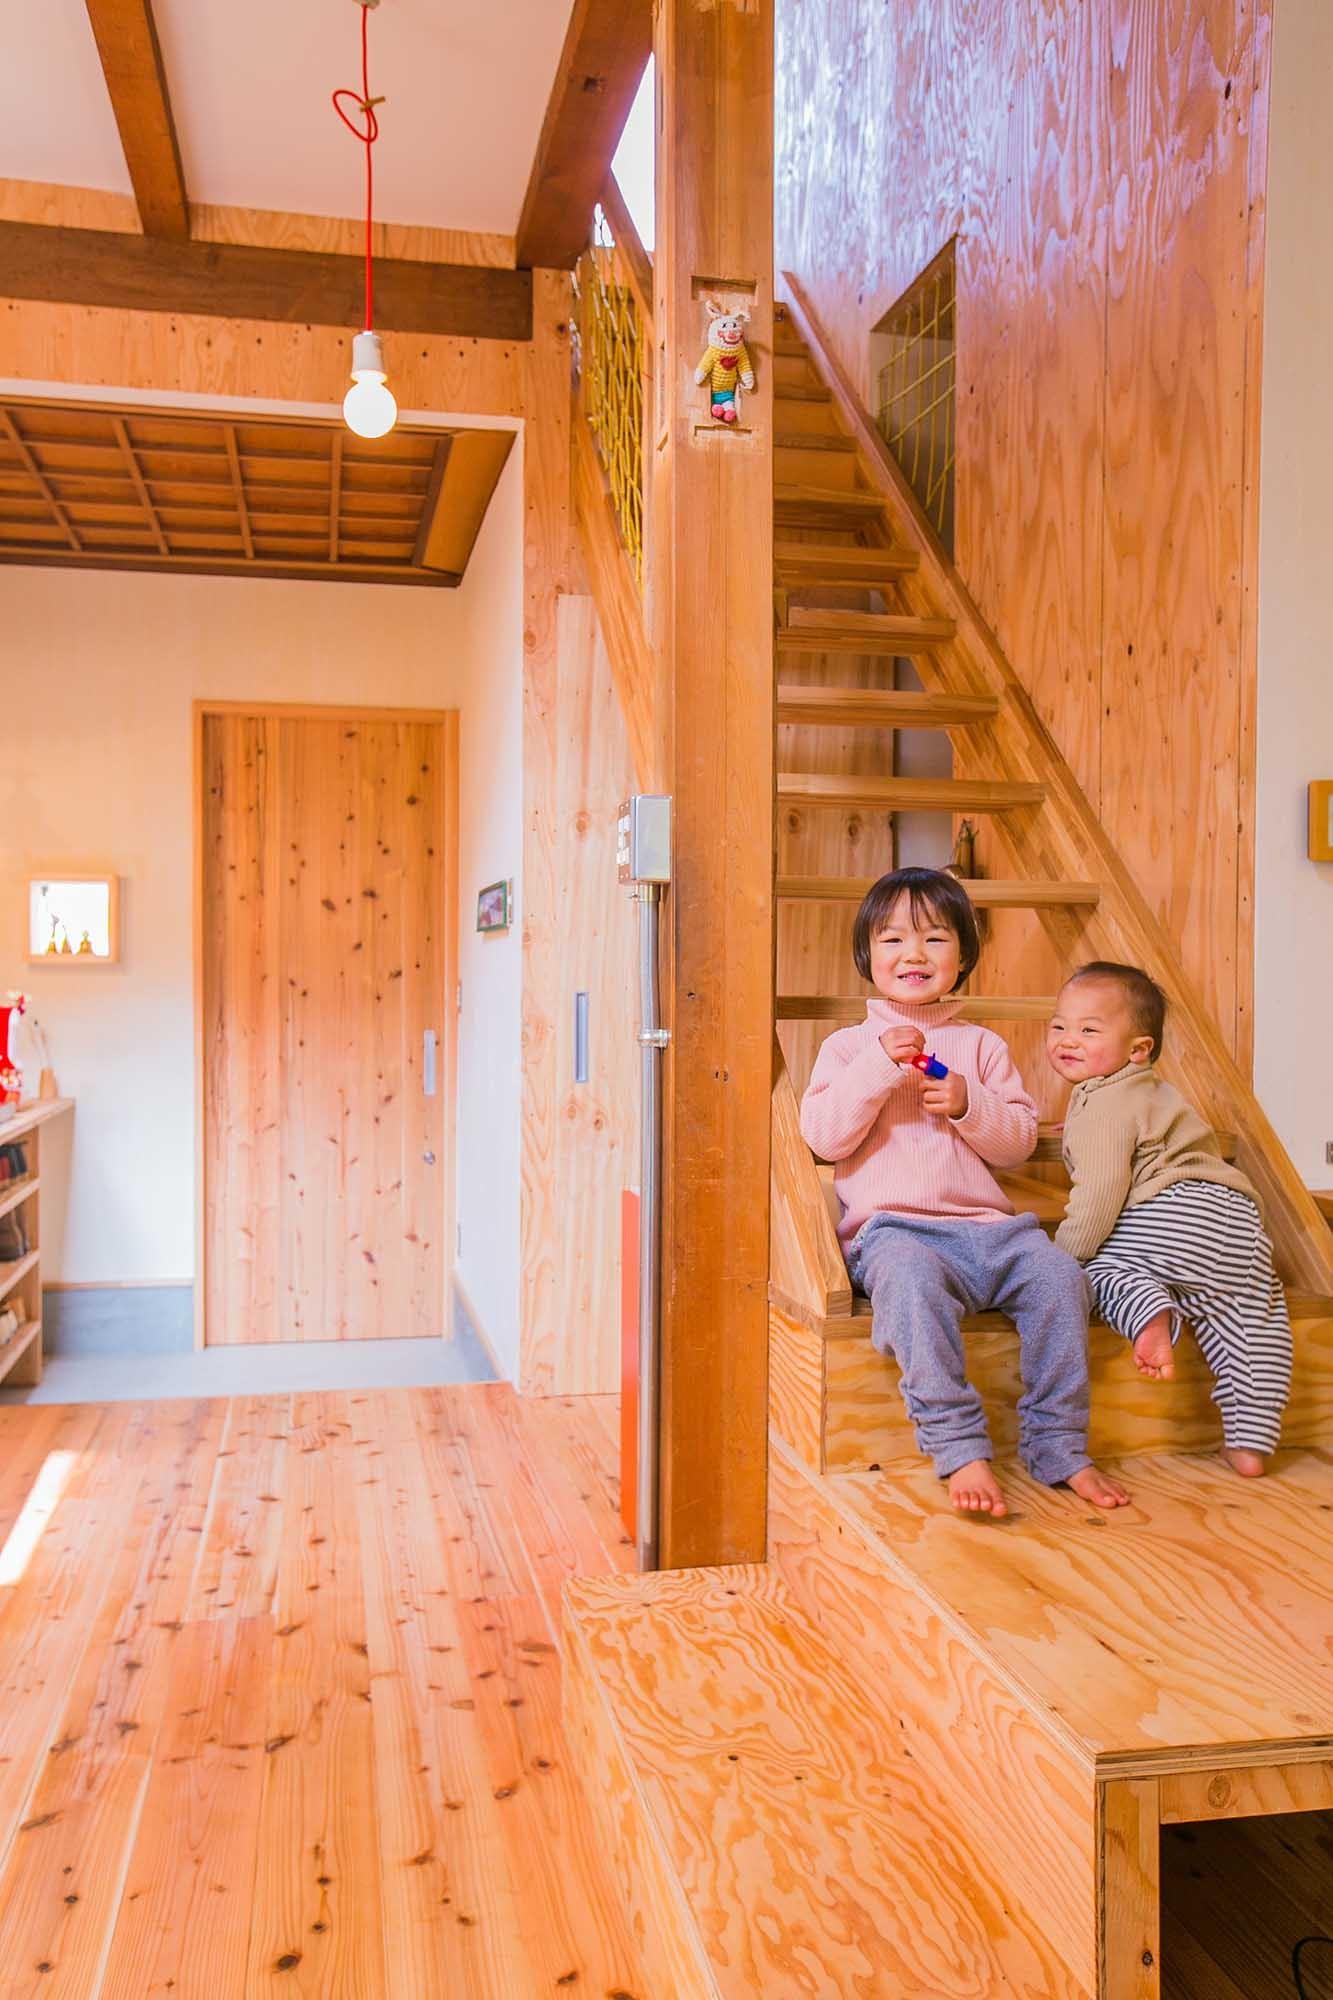 キッチン事例:キッチン(【継承リノベーション】想い出BOX~おじいさまから譲り受けた木造の家、思い出を繋いでいく住まい~)